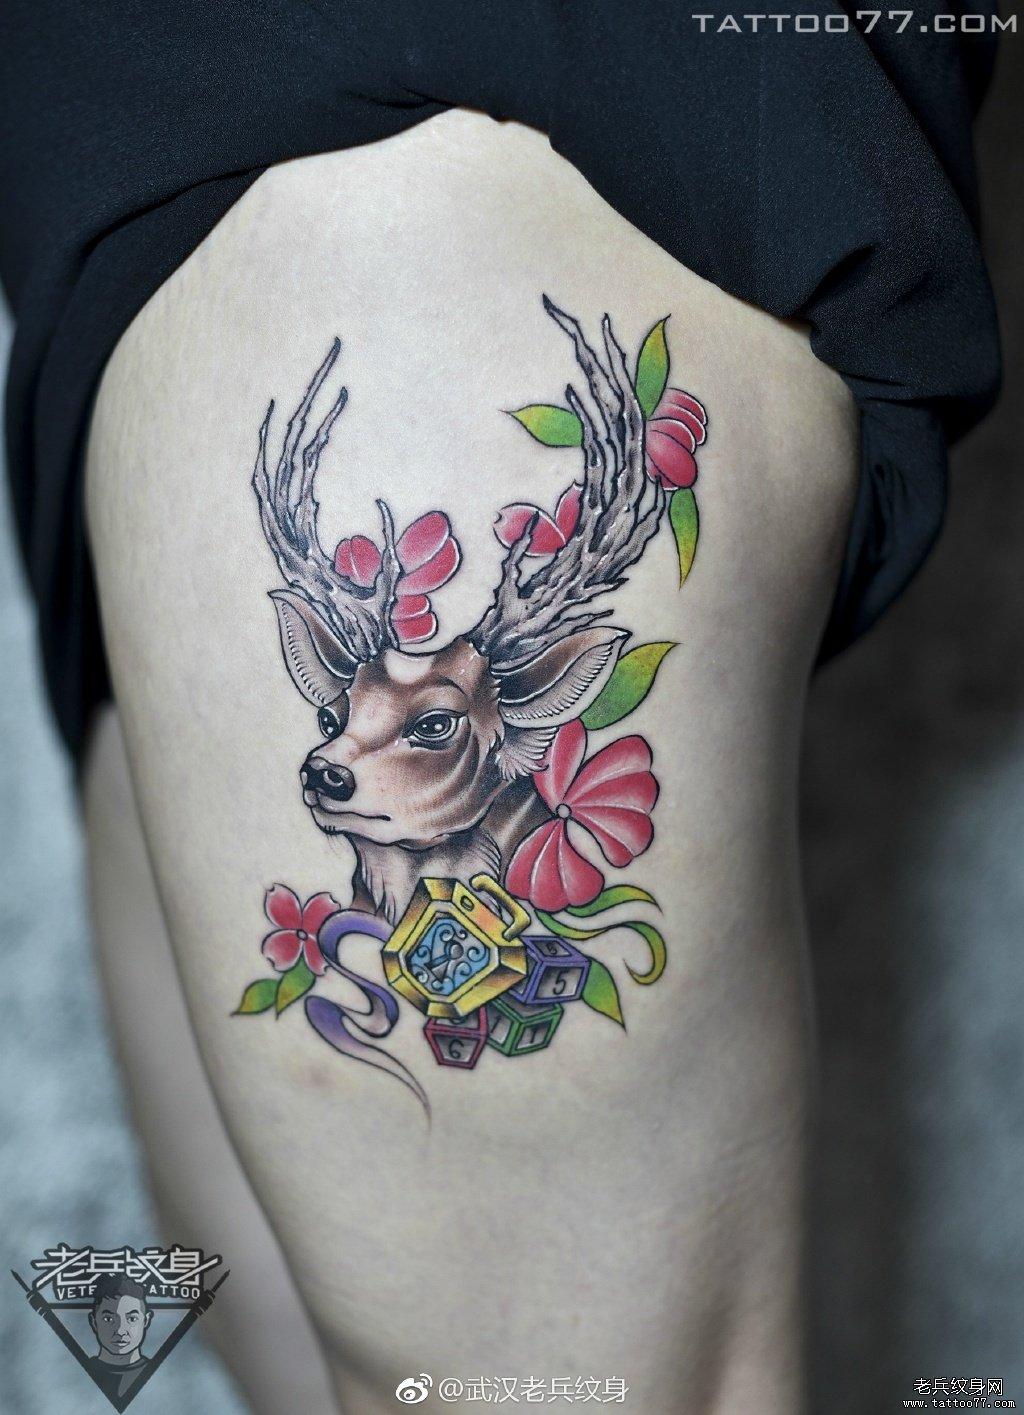 纹身          0 喜欢         浏览           腿部彩色花鹿刺